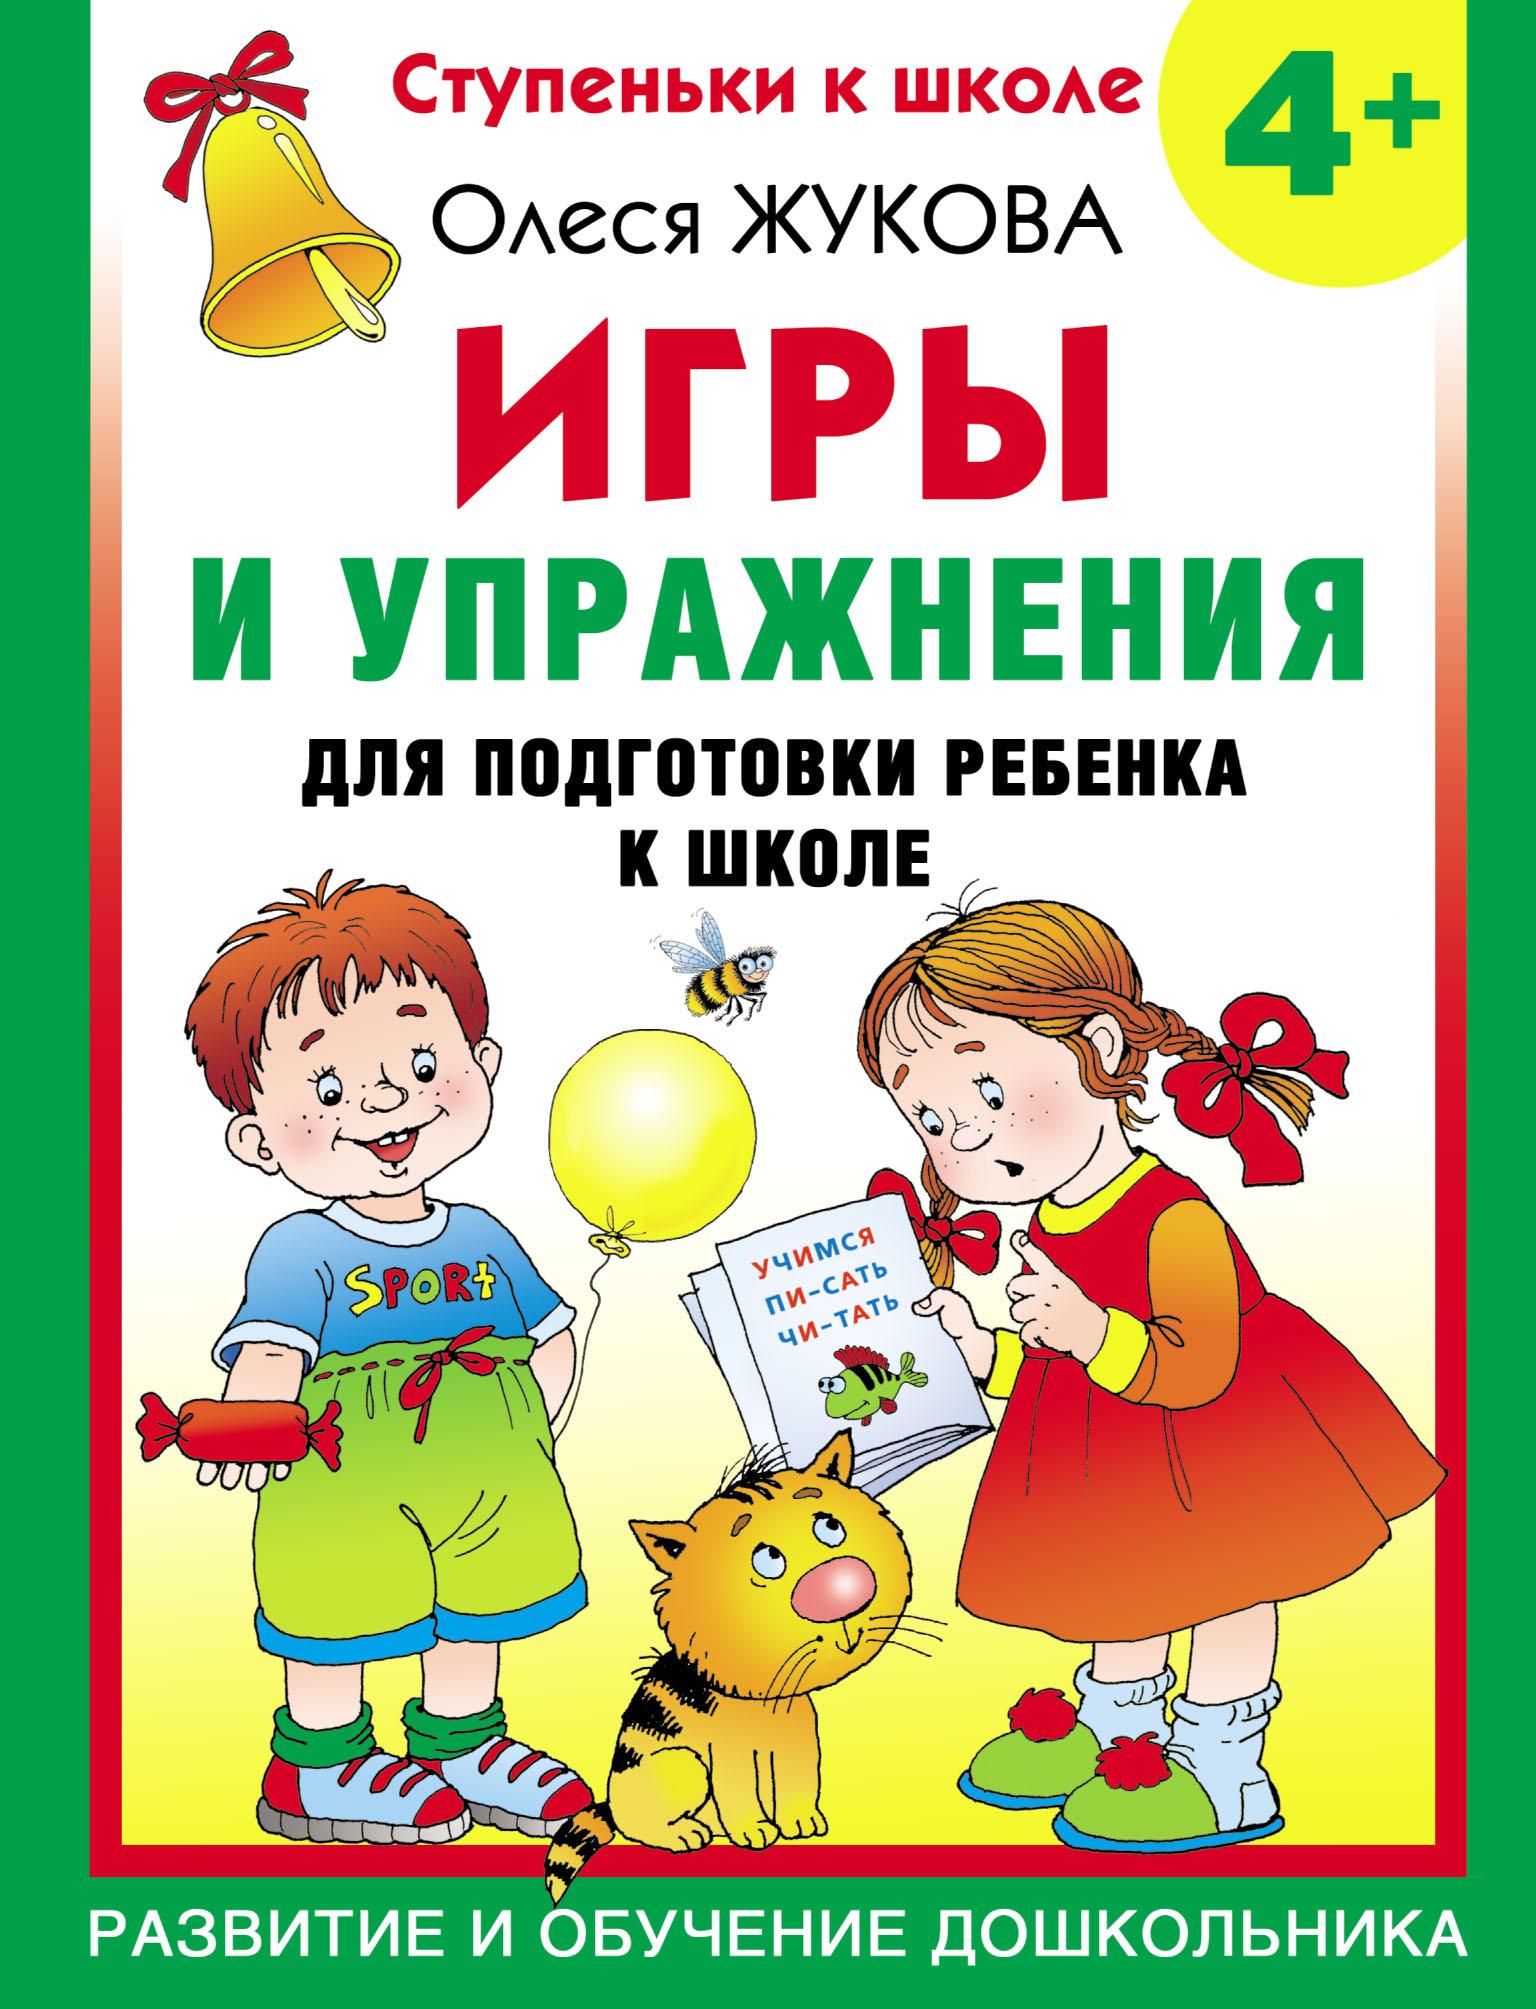 Олеся Жукова Игры и упражнения для подготовки ребенка к школе. 4+ олеся жукова игры и упражнения для подготовки ребенка к школе 4